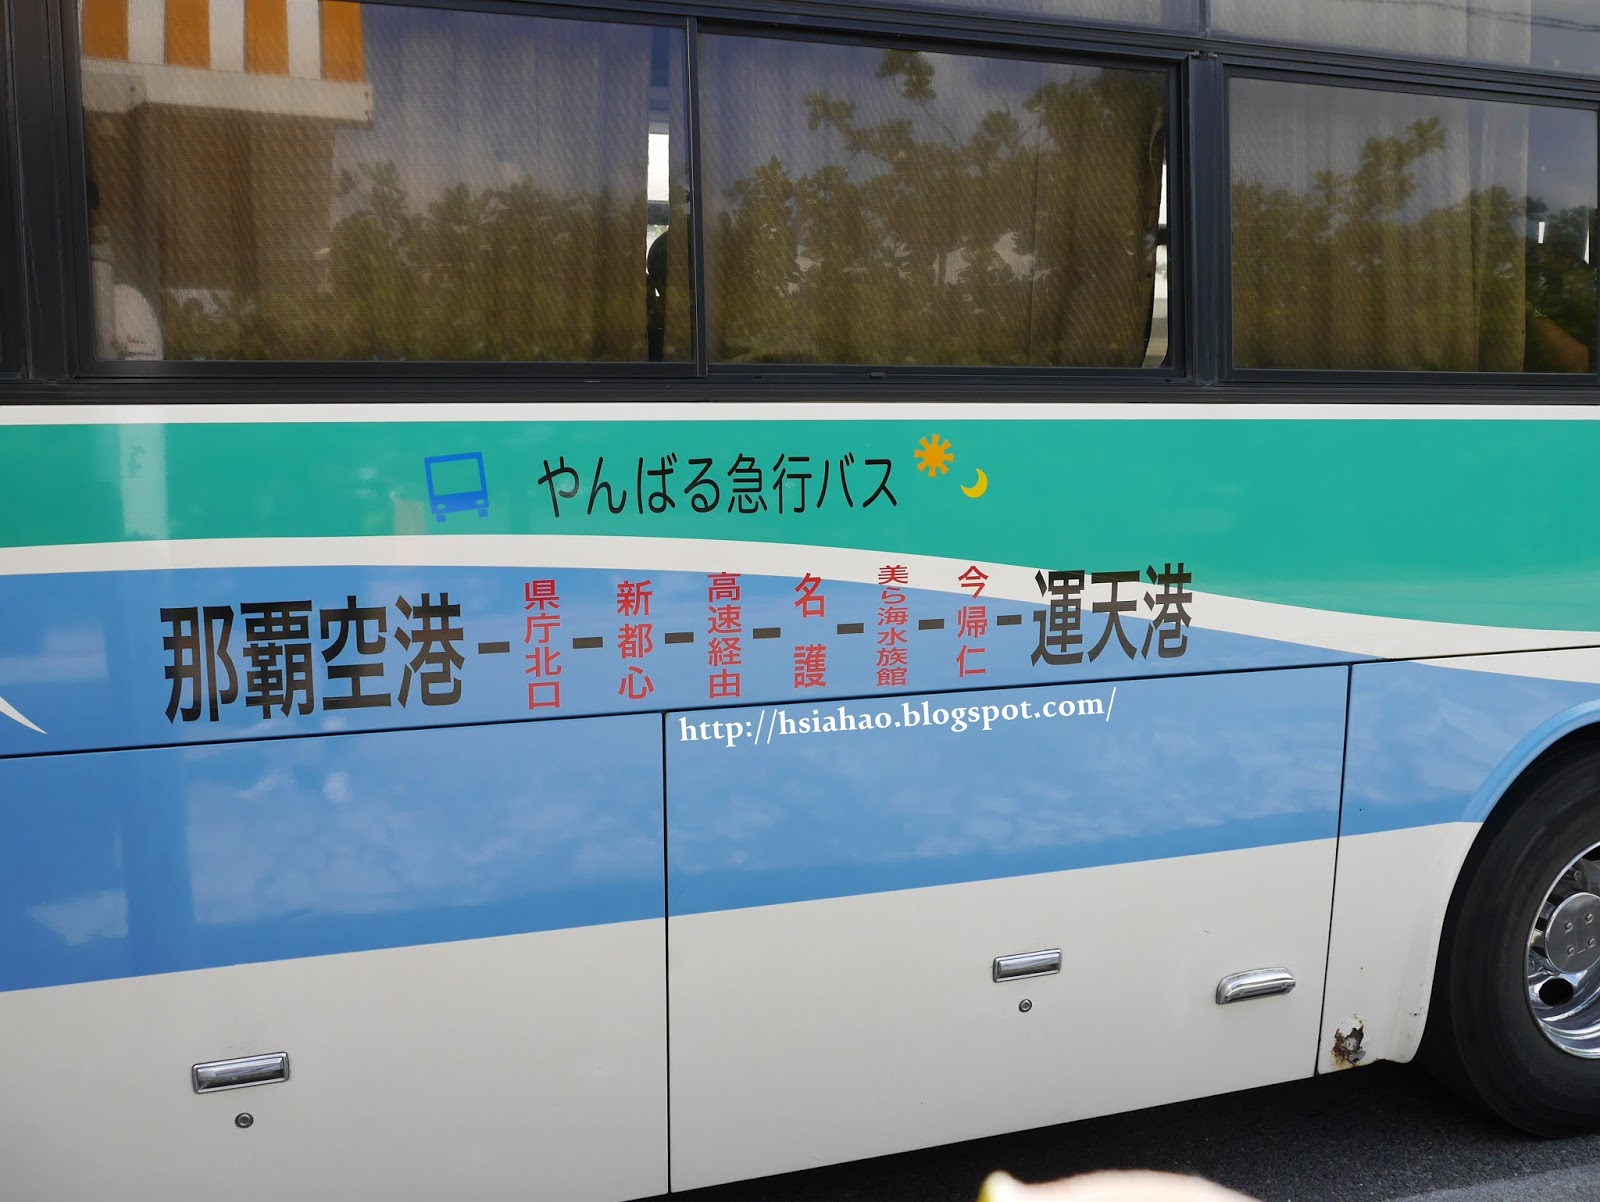 沖繩-巴士-交通-公車-山原急行巴士-高速巴士-やんばる急行バス